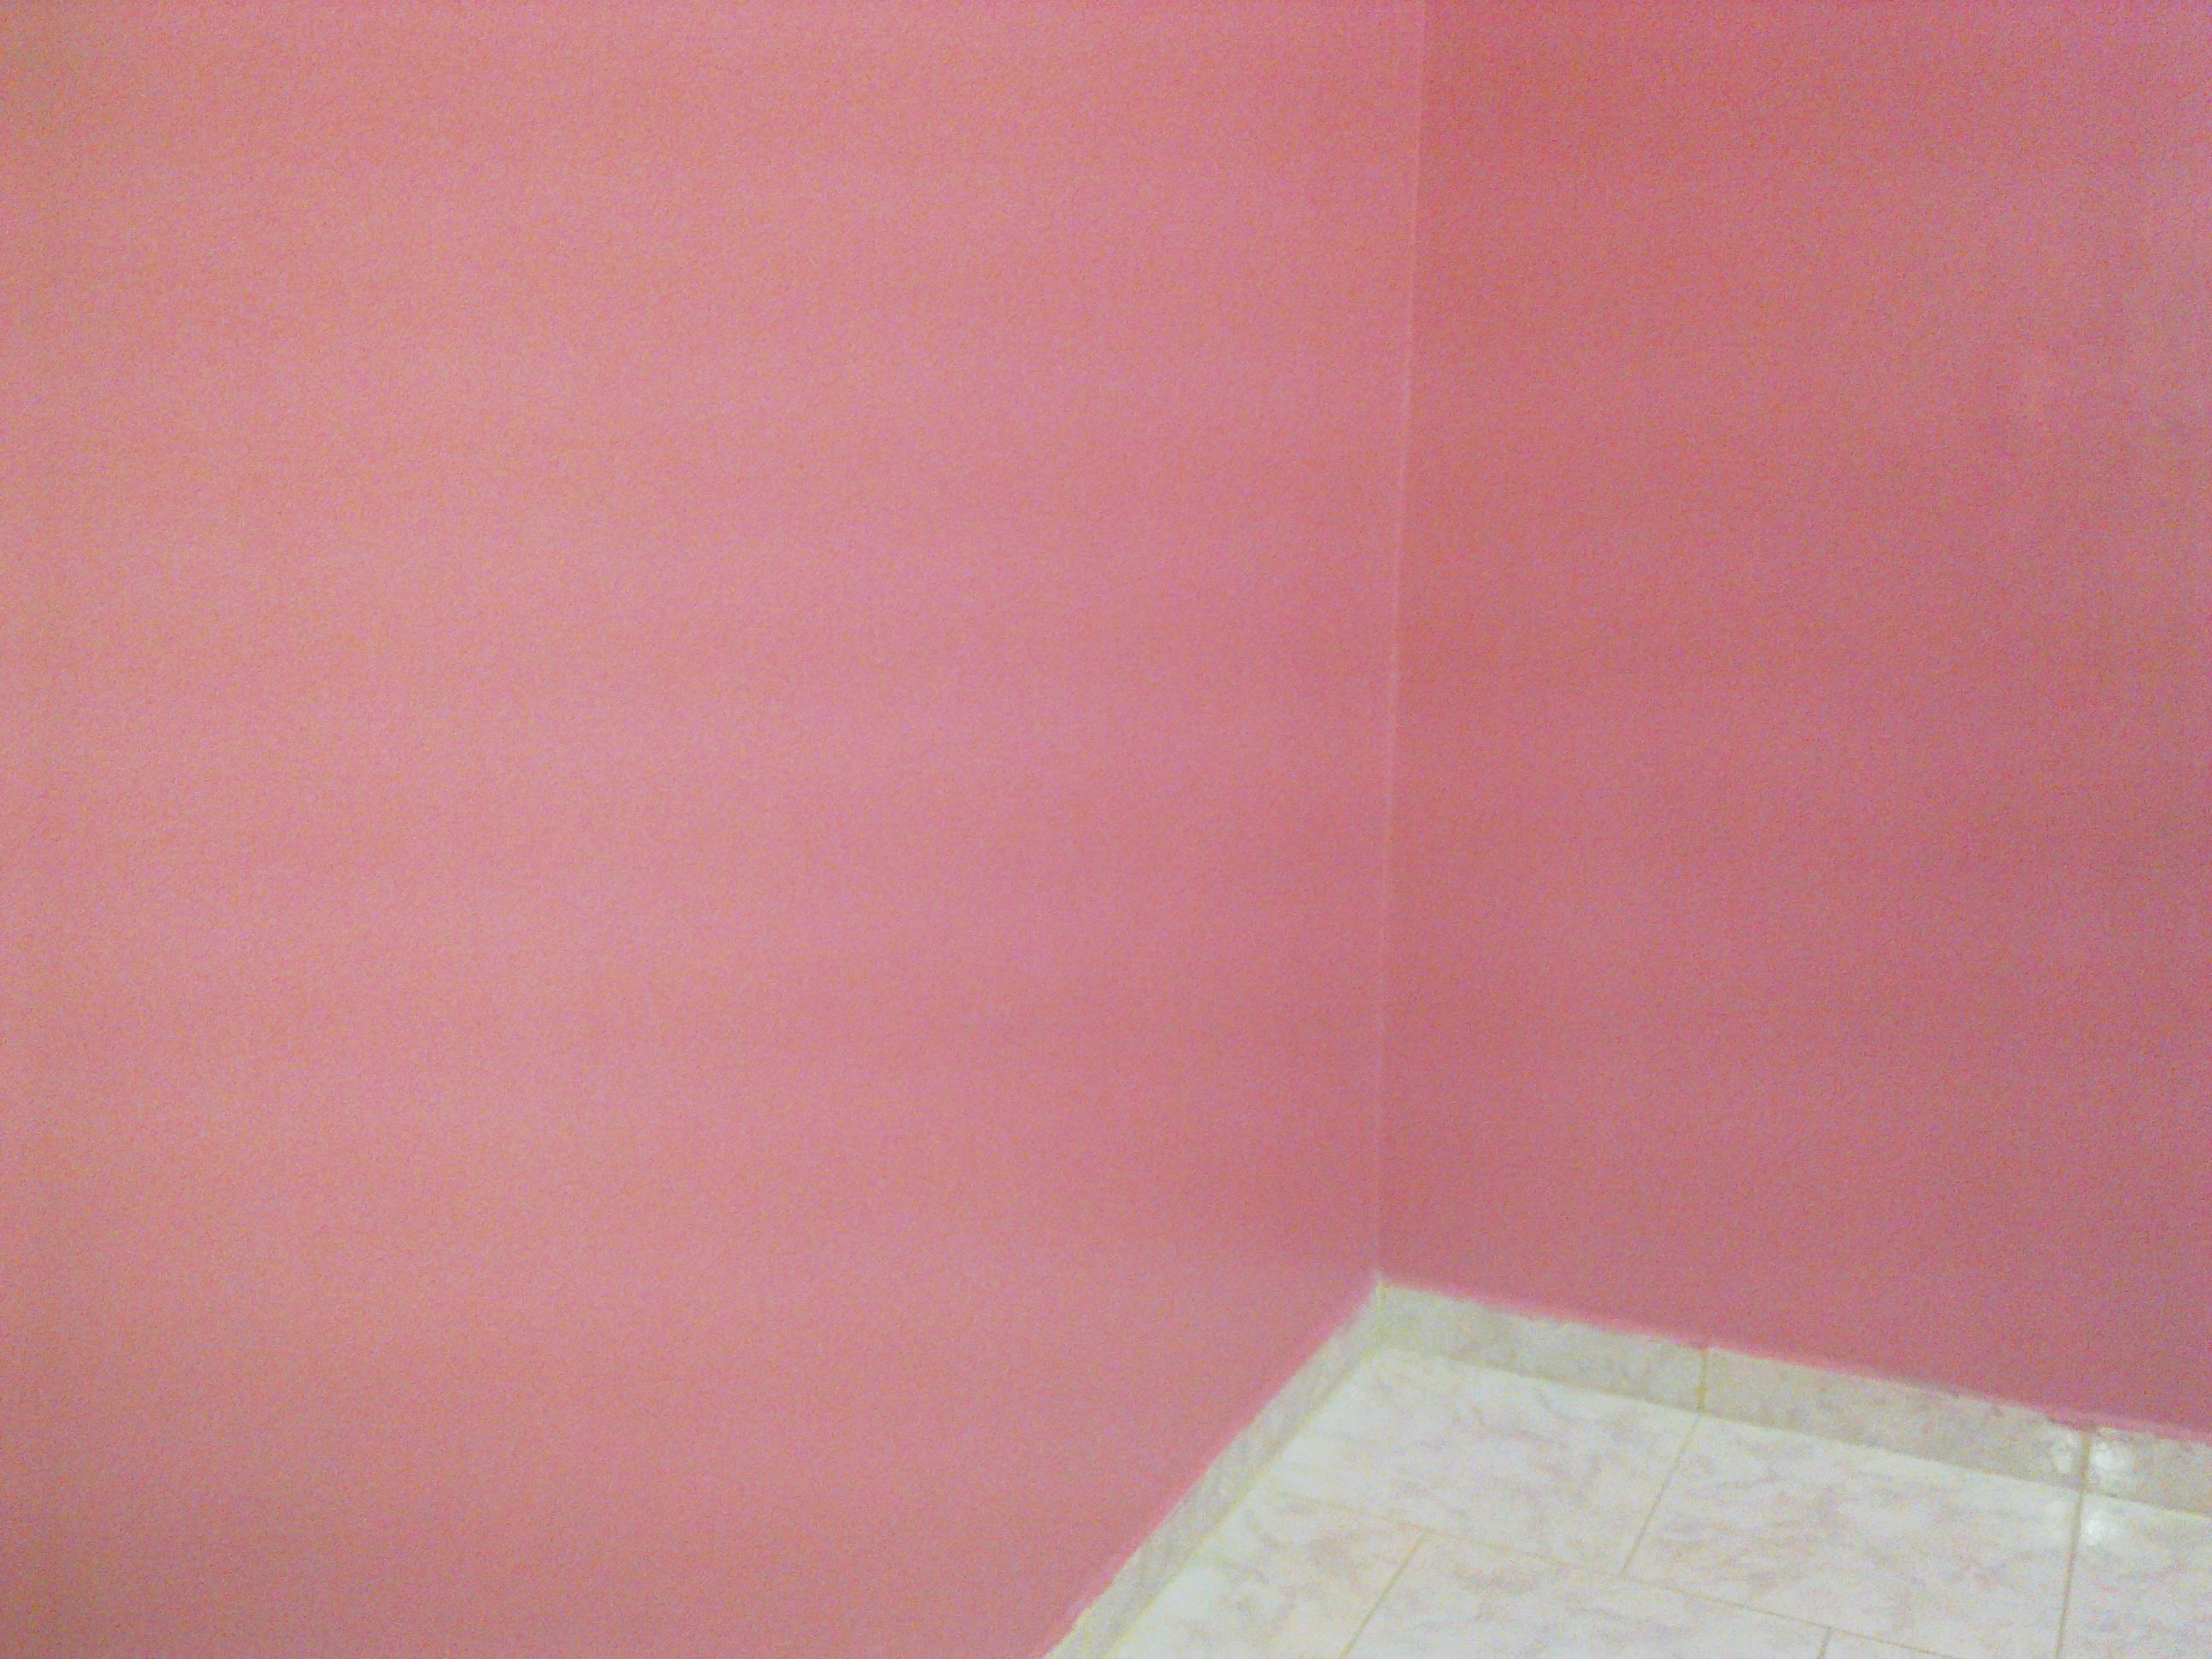 اما اللون الجديد ... هذا هووو وردي على كرزي